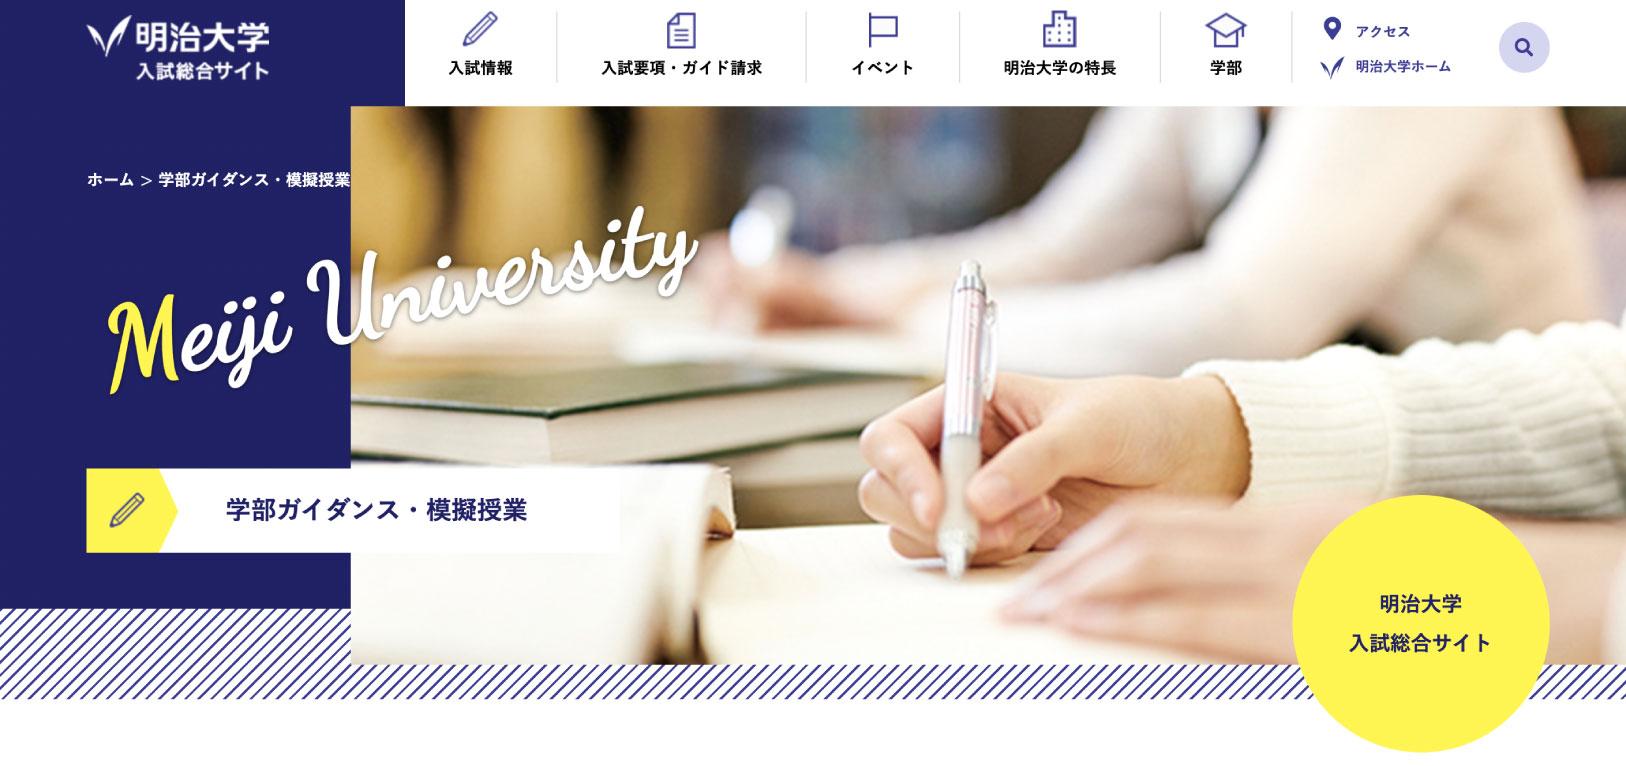 明治大学入試総合サイト